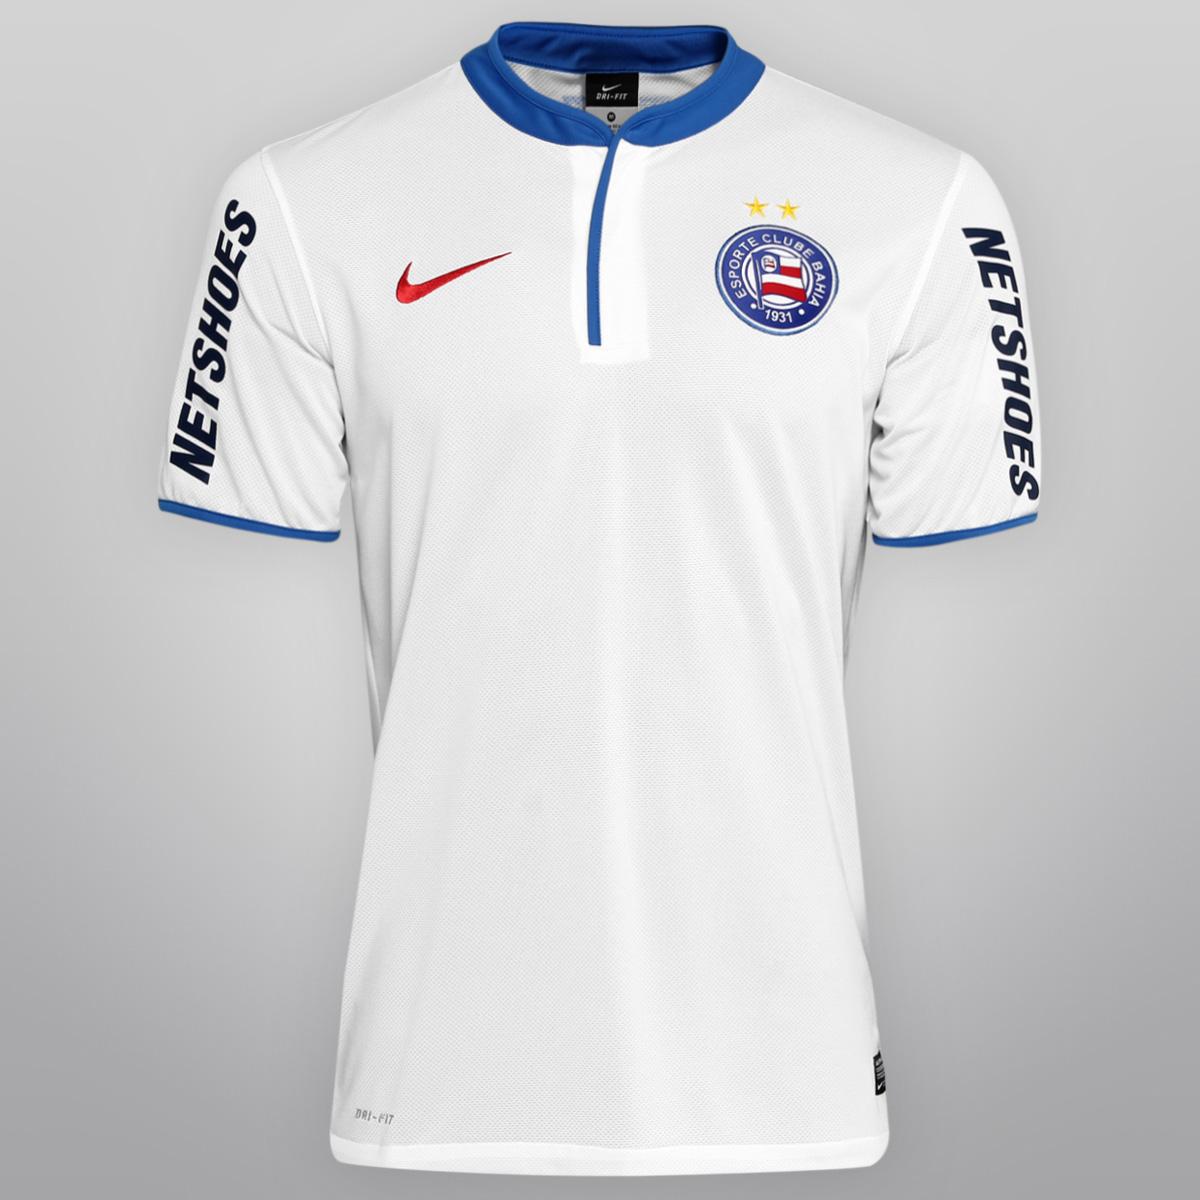 Camisa Nike Bahia I 13 14 S Nº